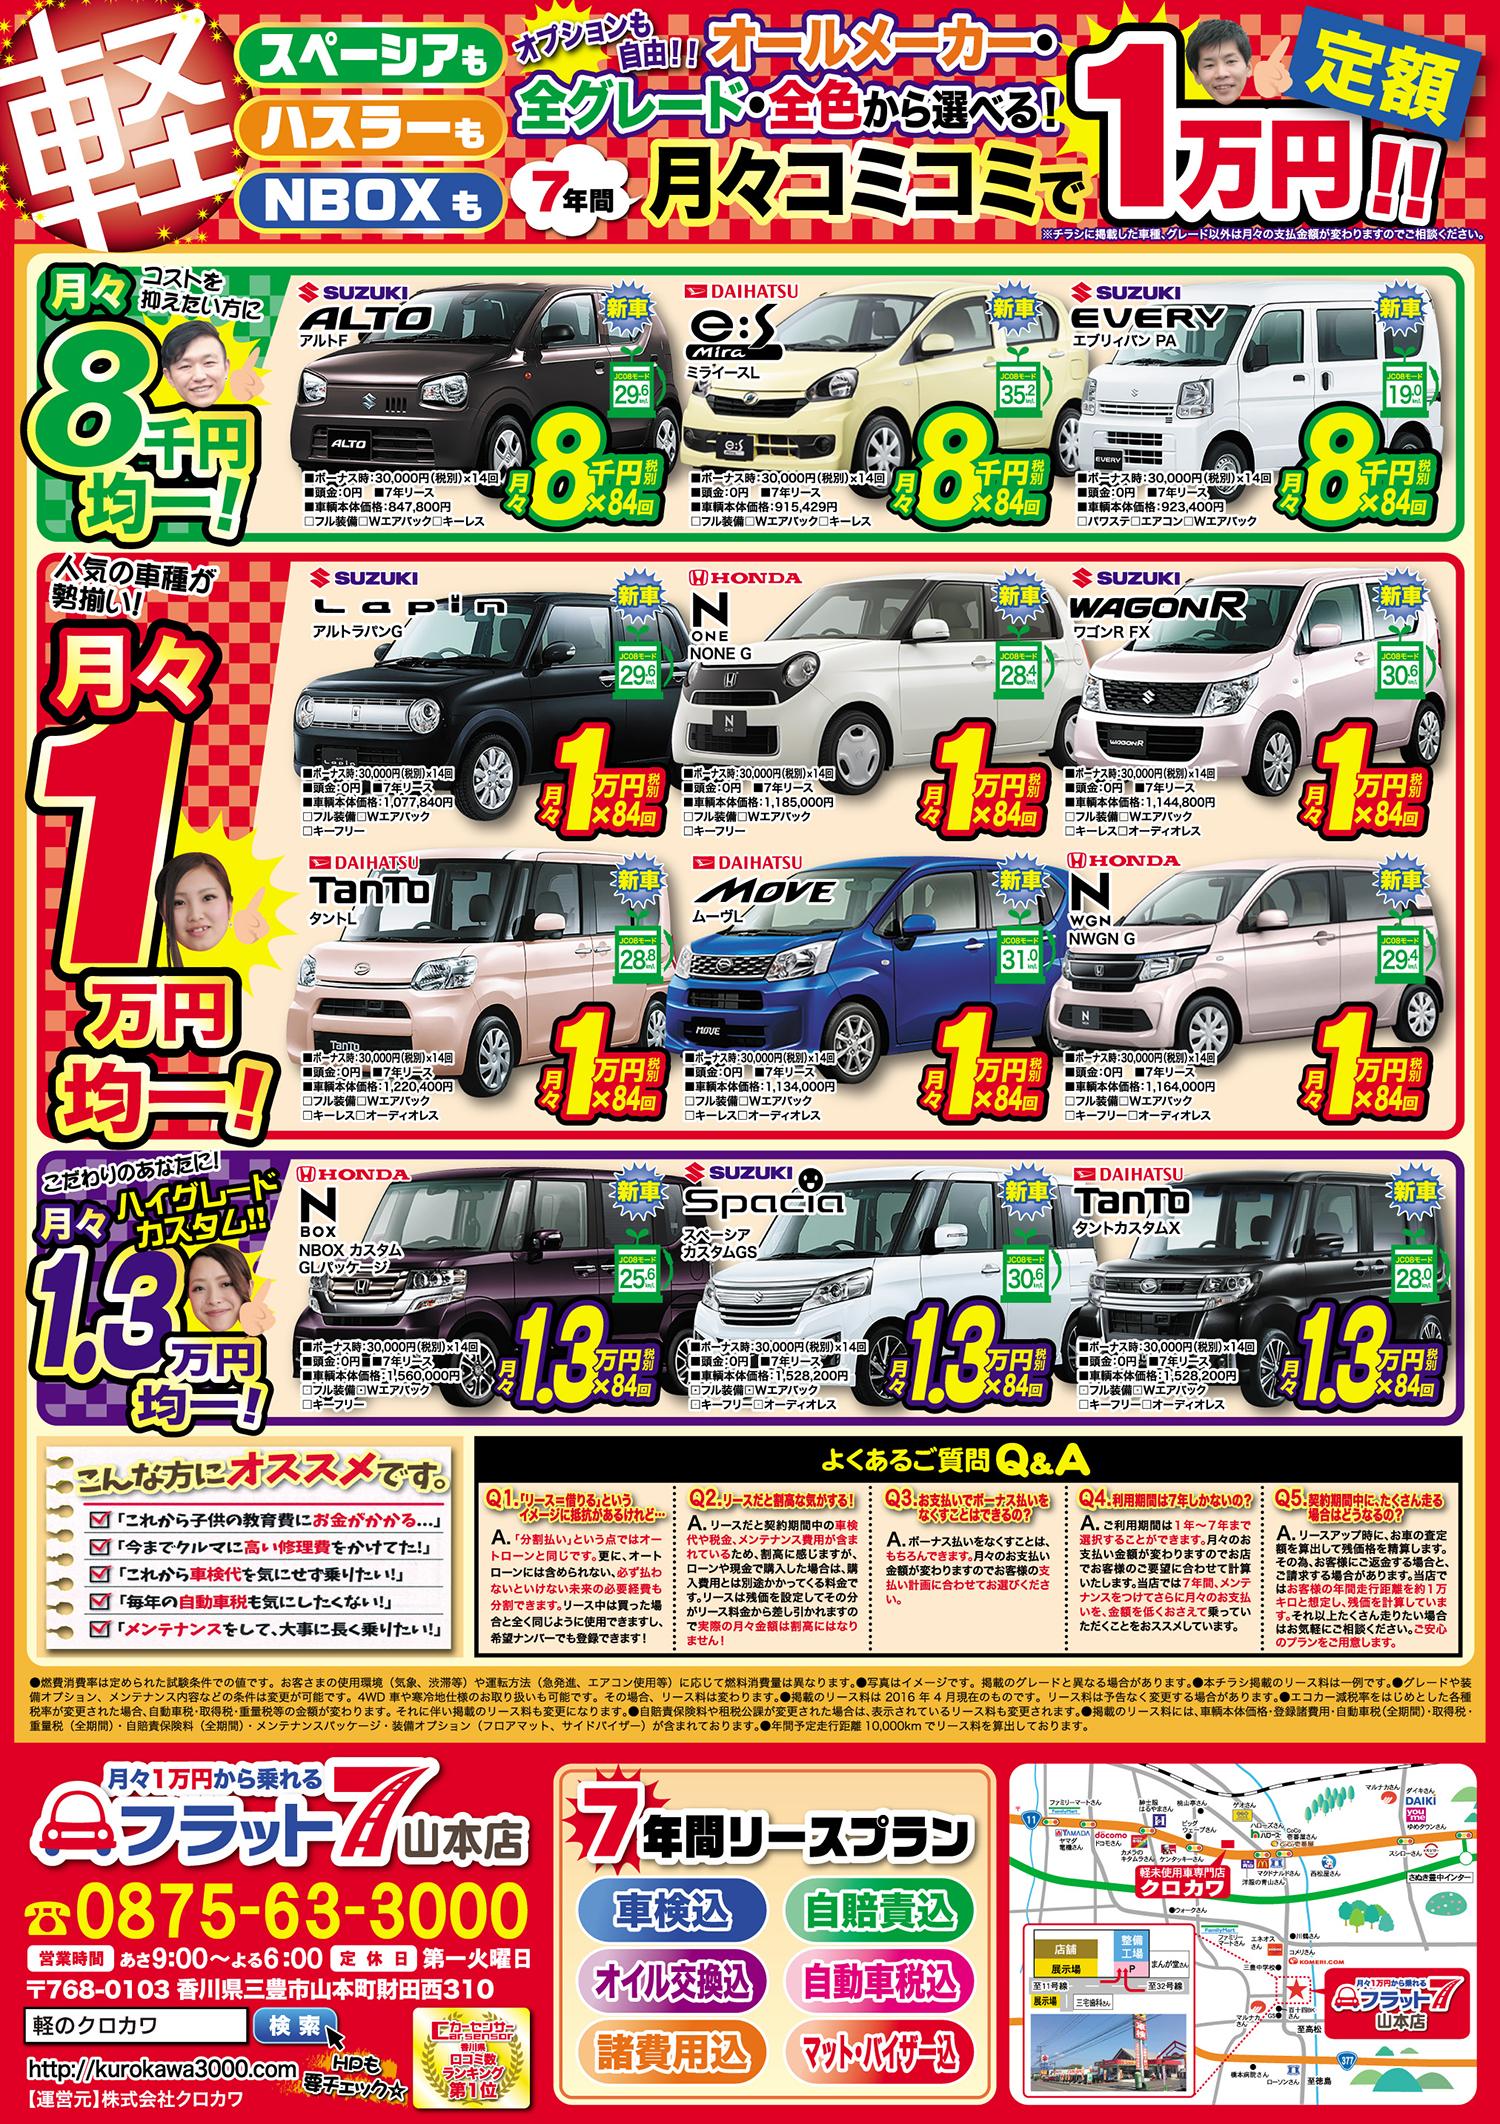 【フラット7】新車の軽自動車が月々コミコミ1万円!